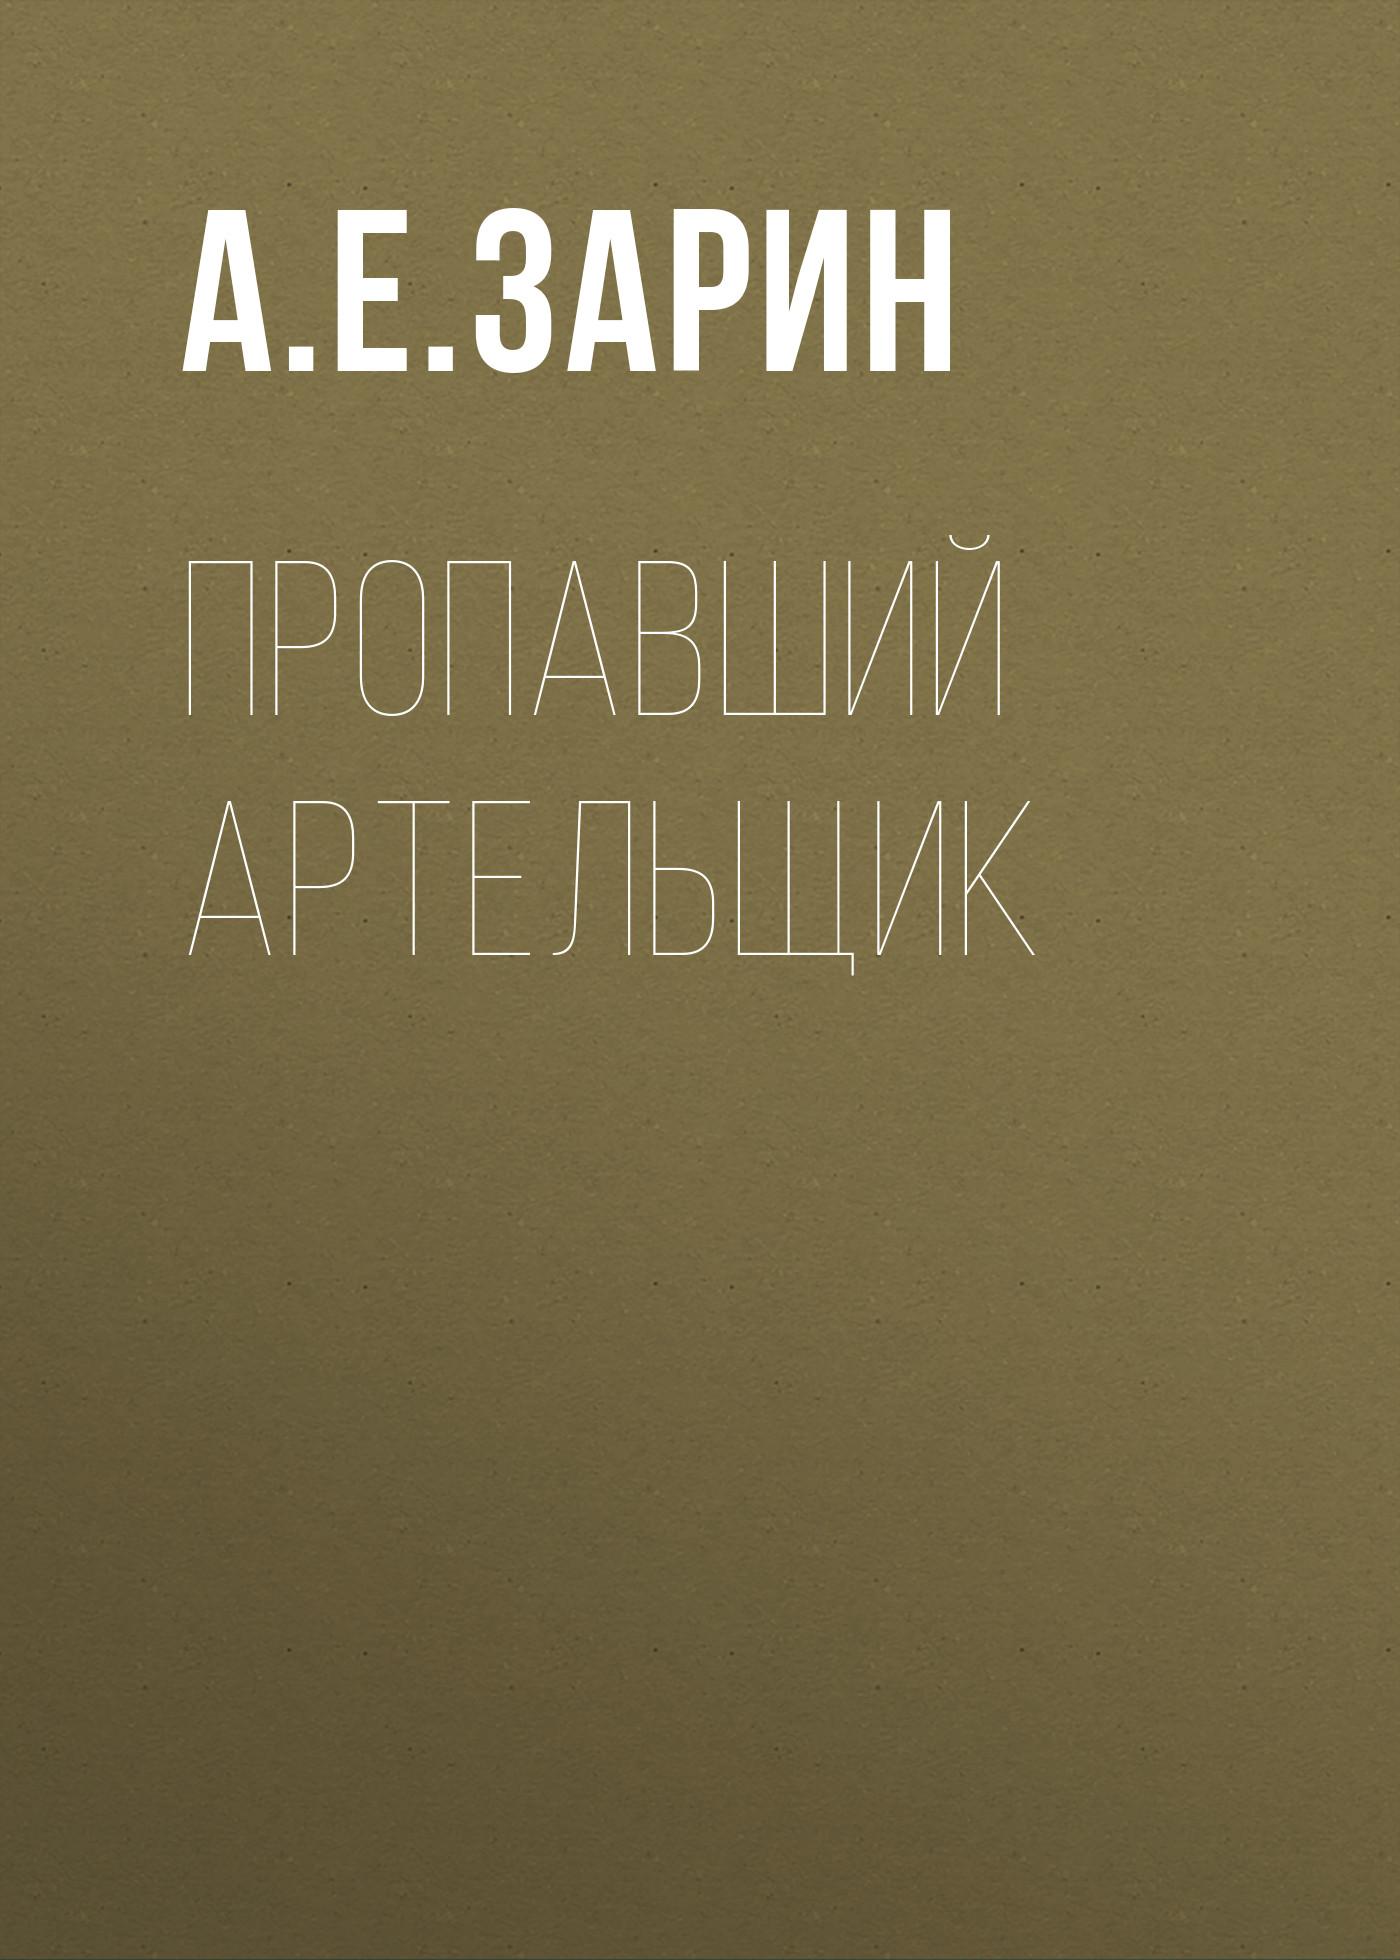 Купить книгу Пропавший артельщик, автора А. Е. Зарина